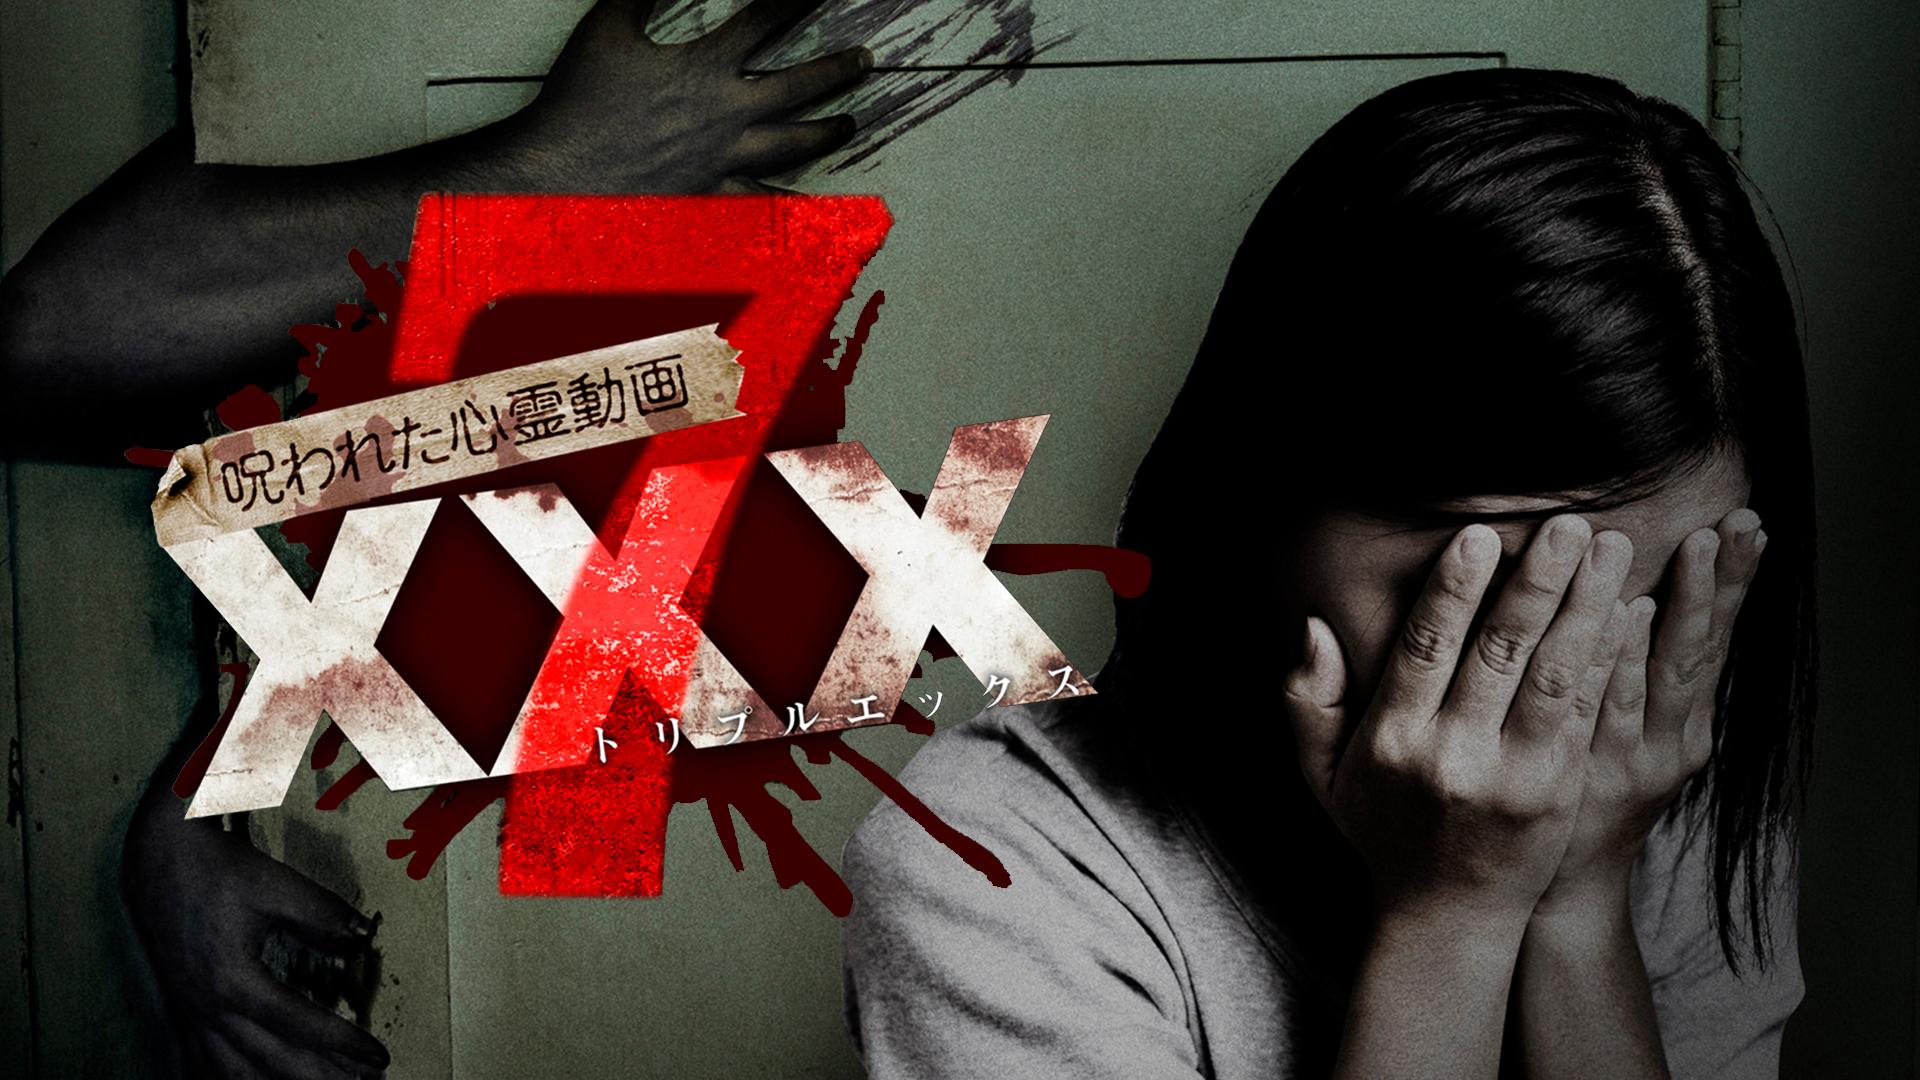 呪われた心霊動画 XXX(トリプルエックス)7